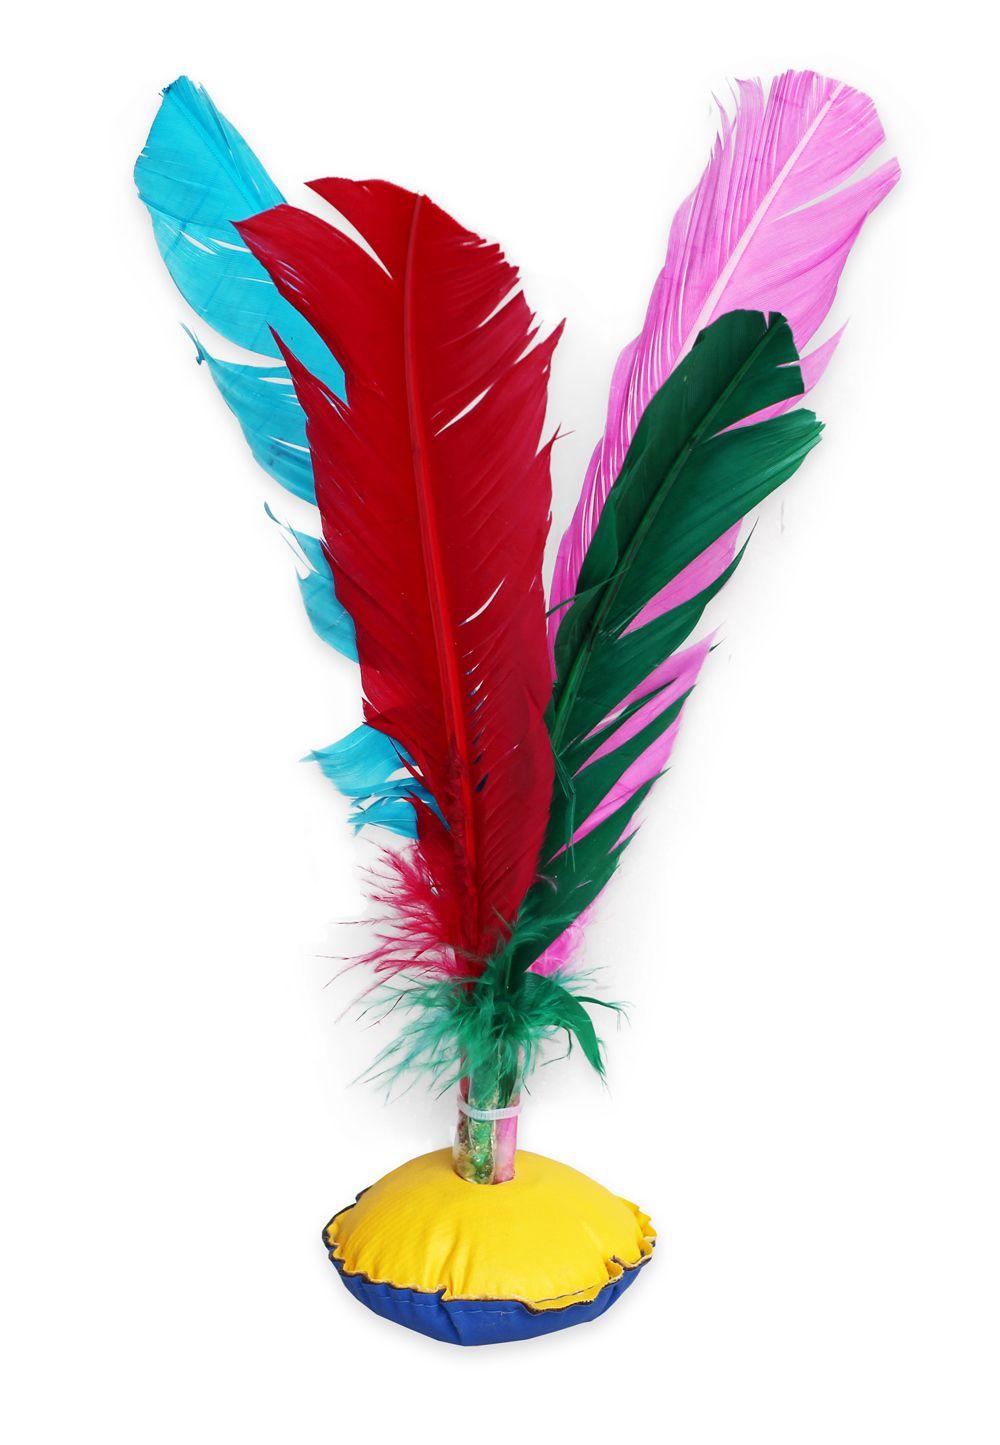 Kit 25 Petecas Grandes com Penas Coloridas